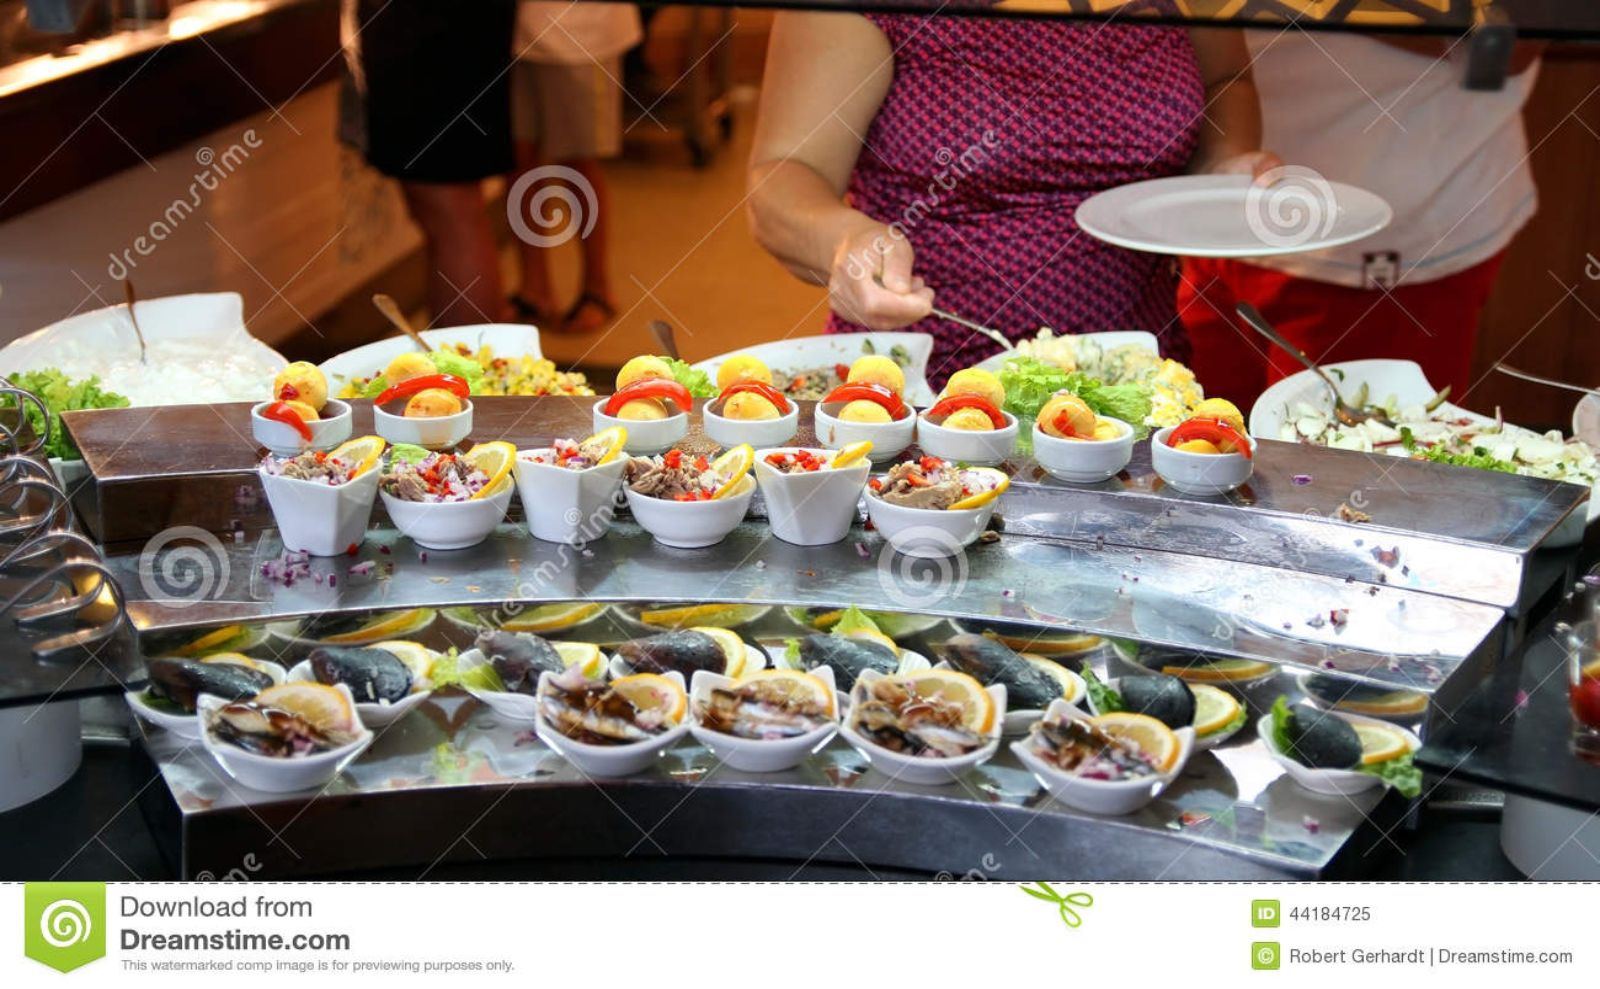 Buffet Self Service Food Display Stock Photo 44184725 Megapixl